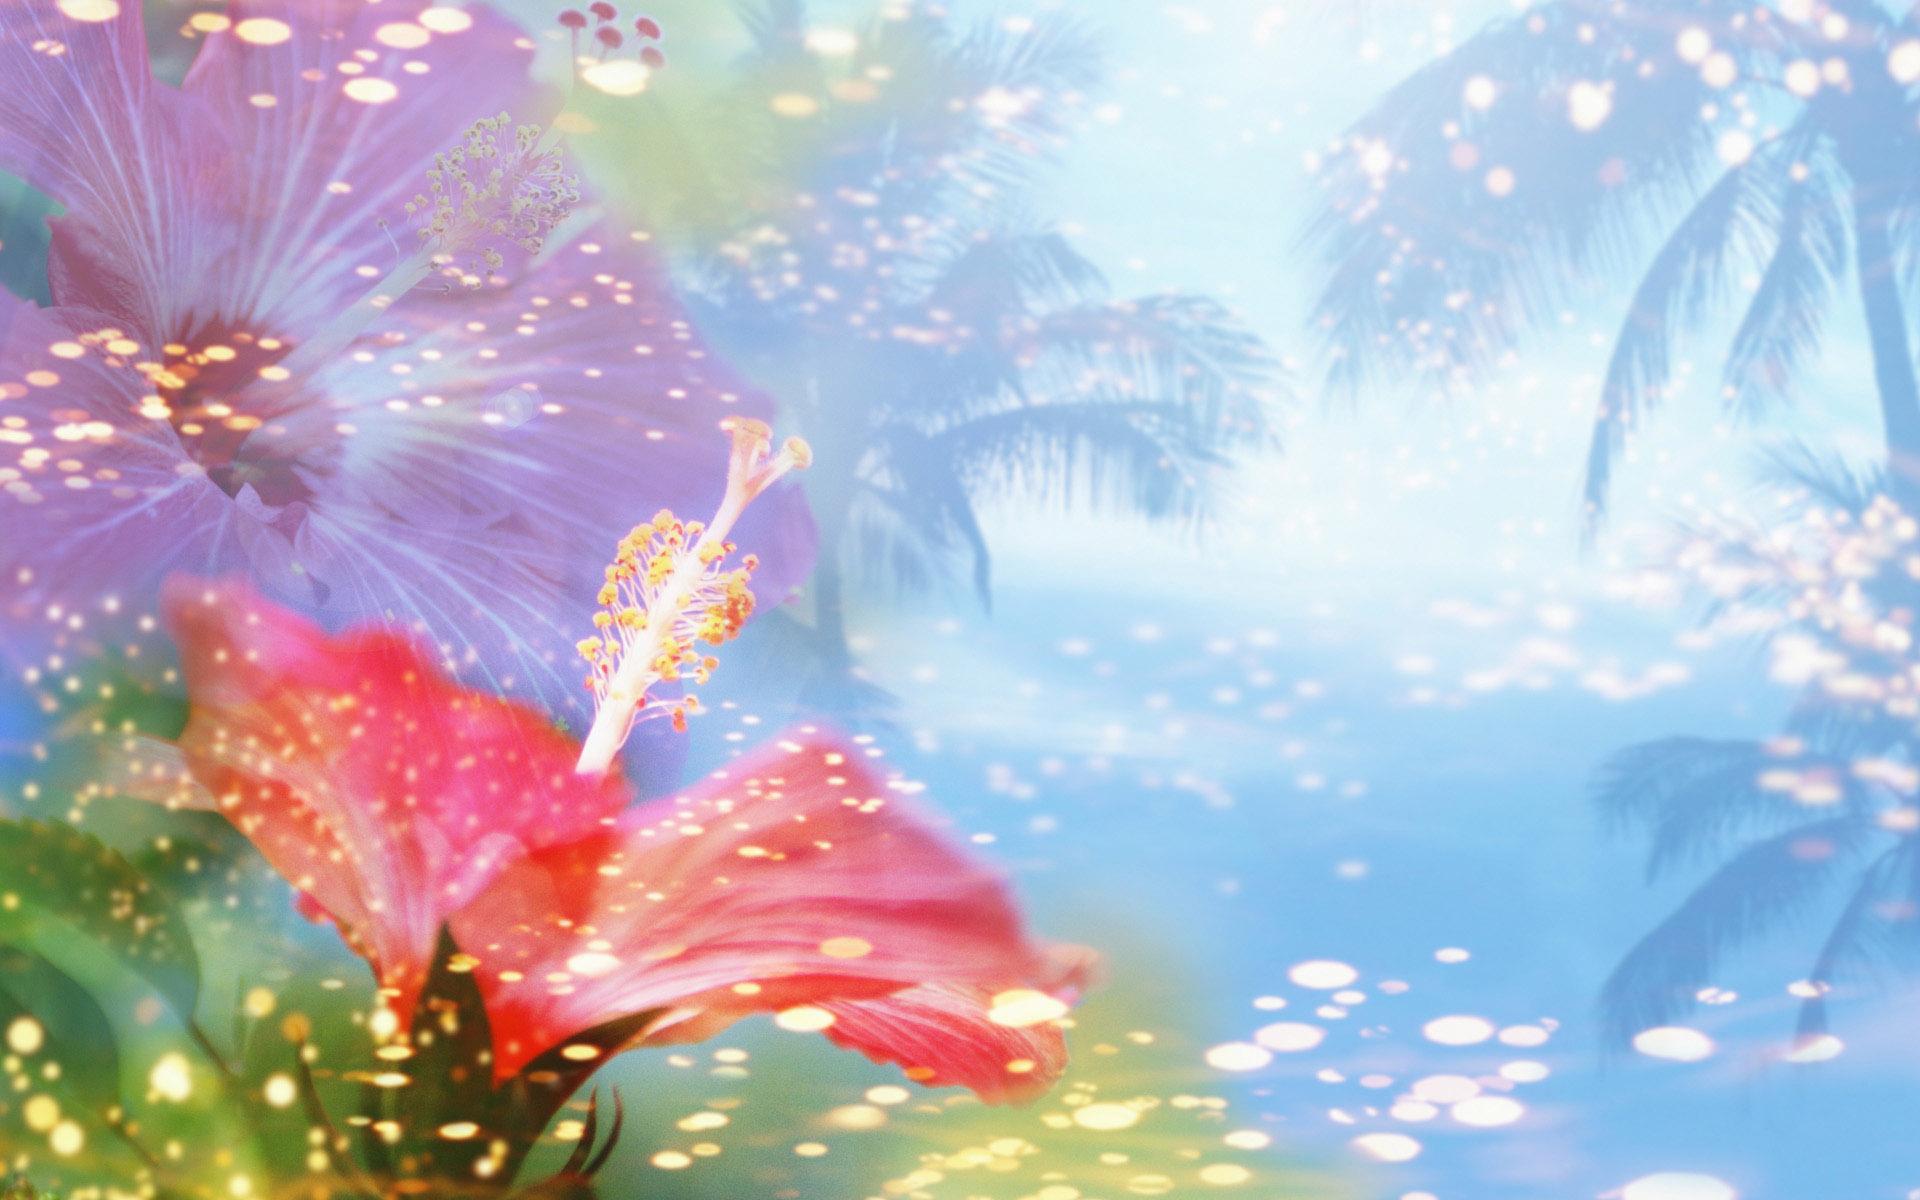 壁纸1920×1200朦胧花朵柔美 宽屏壁纸 壁纸4壁纸 朦胧花朵柔美 宽屏壁壁纸图片系统壁纸系统图片素材桌面壁纸